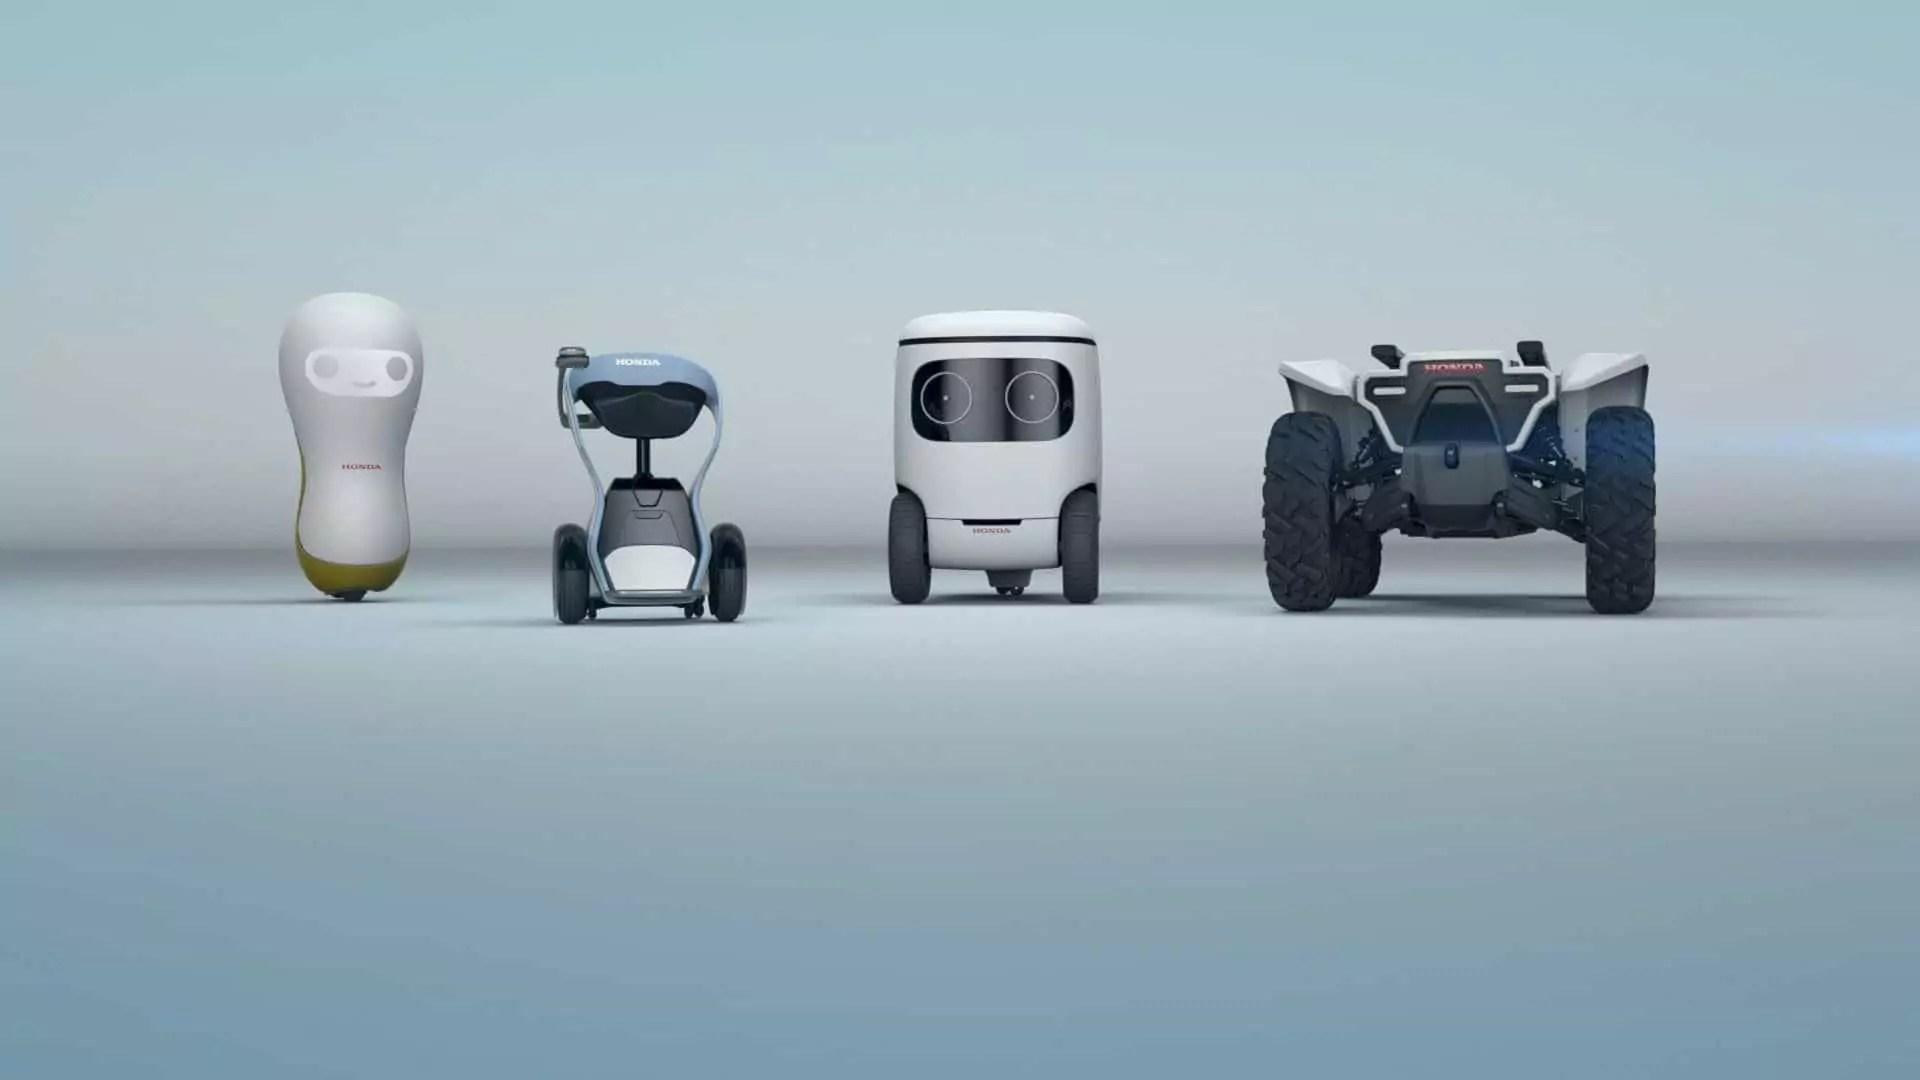 Honda 3e Robotic Concepts 9